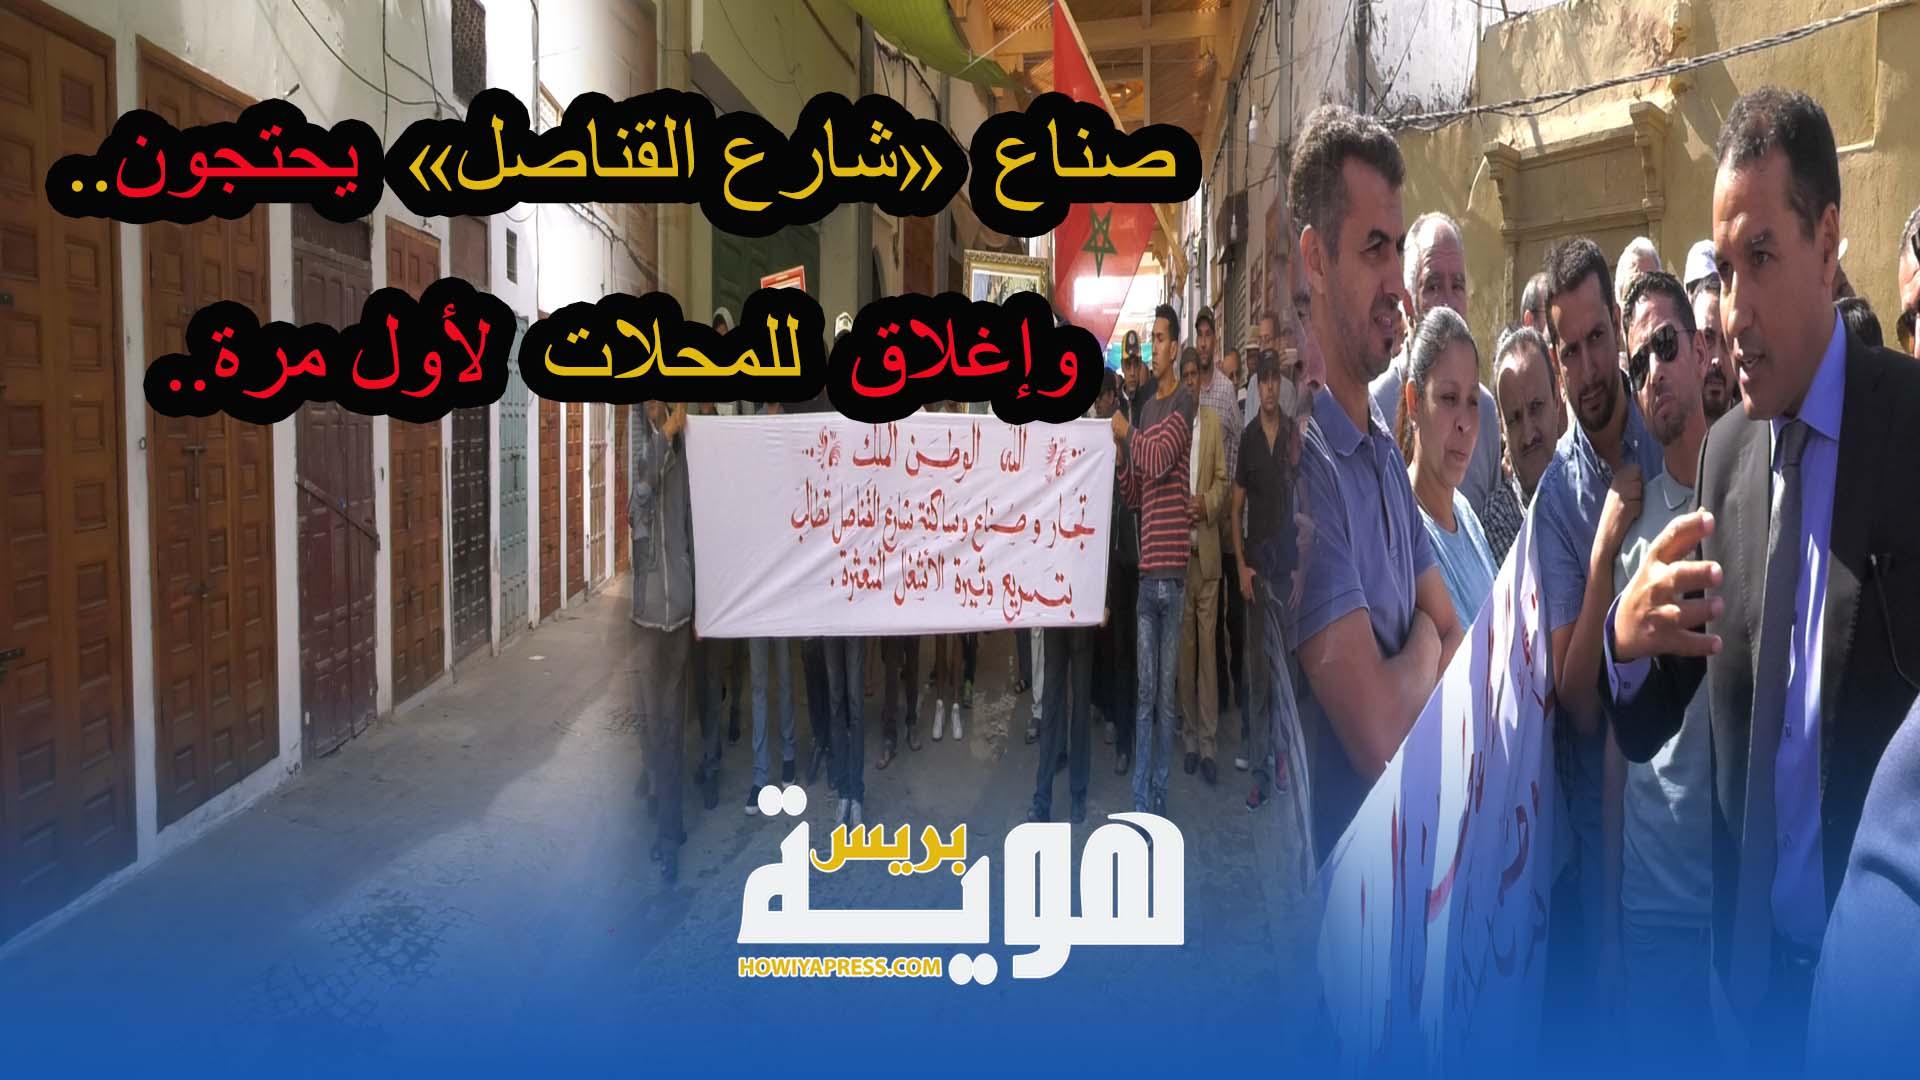 فيديو.. تجار شارع القناصل يغلقون محلاتهم ويقفون احتجاجا ضد تأخر أشغال التهيئة الملكية